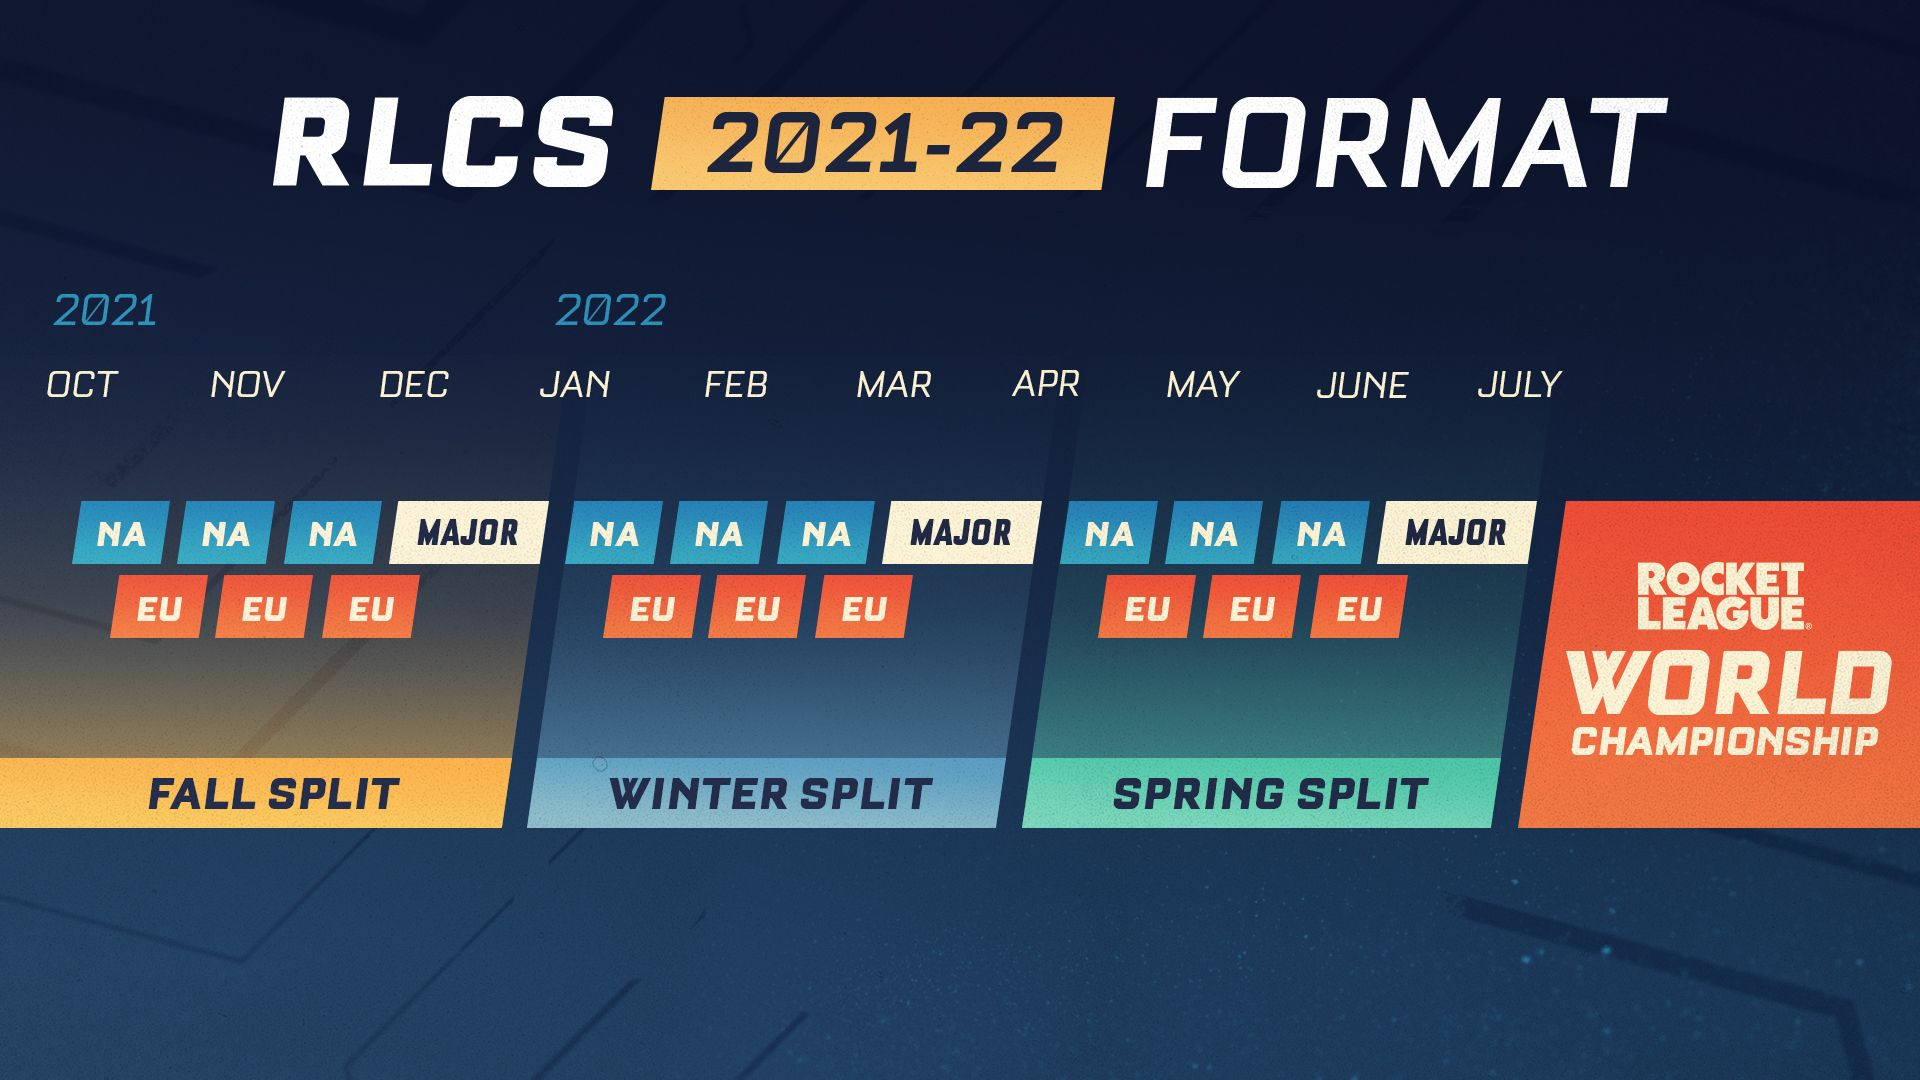 format-rlcs-2021-22-saison-11